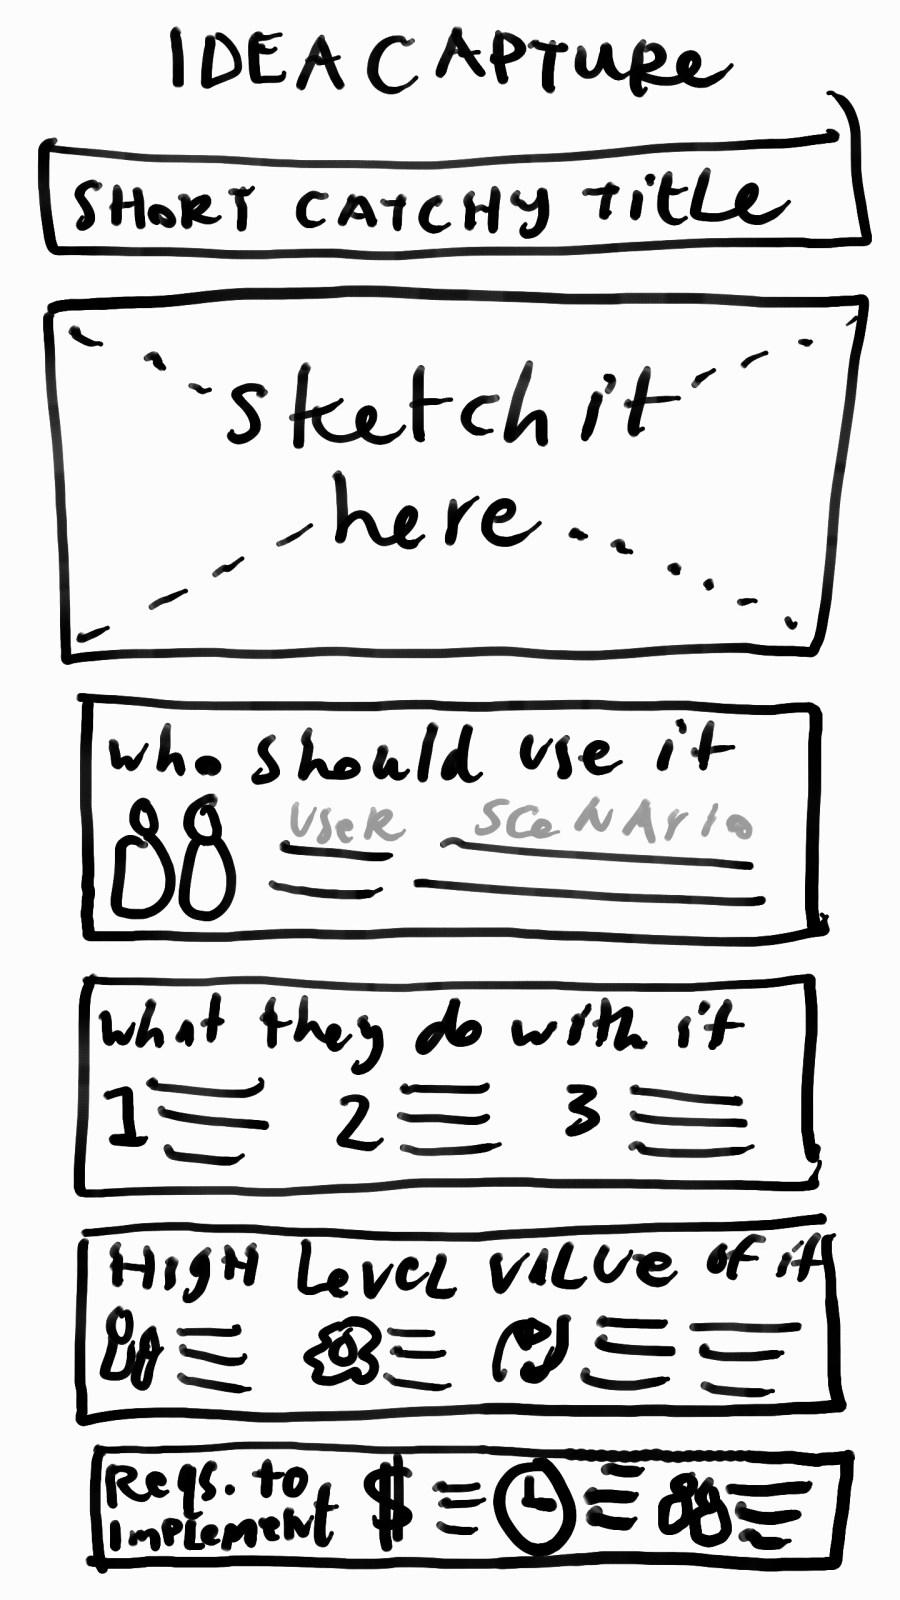 idea-prototype-one-page-sketch-margaret-hagan-design-process-png